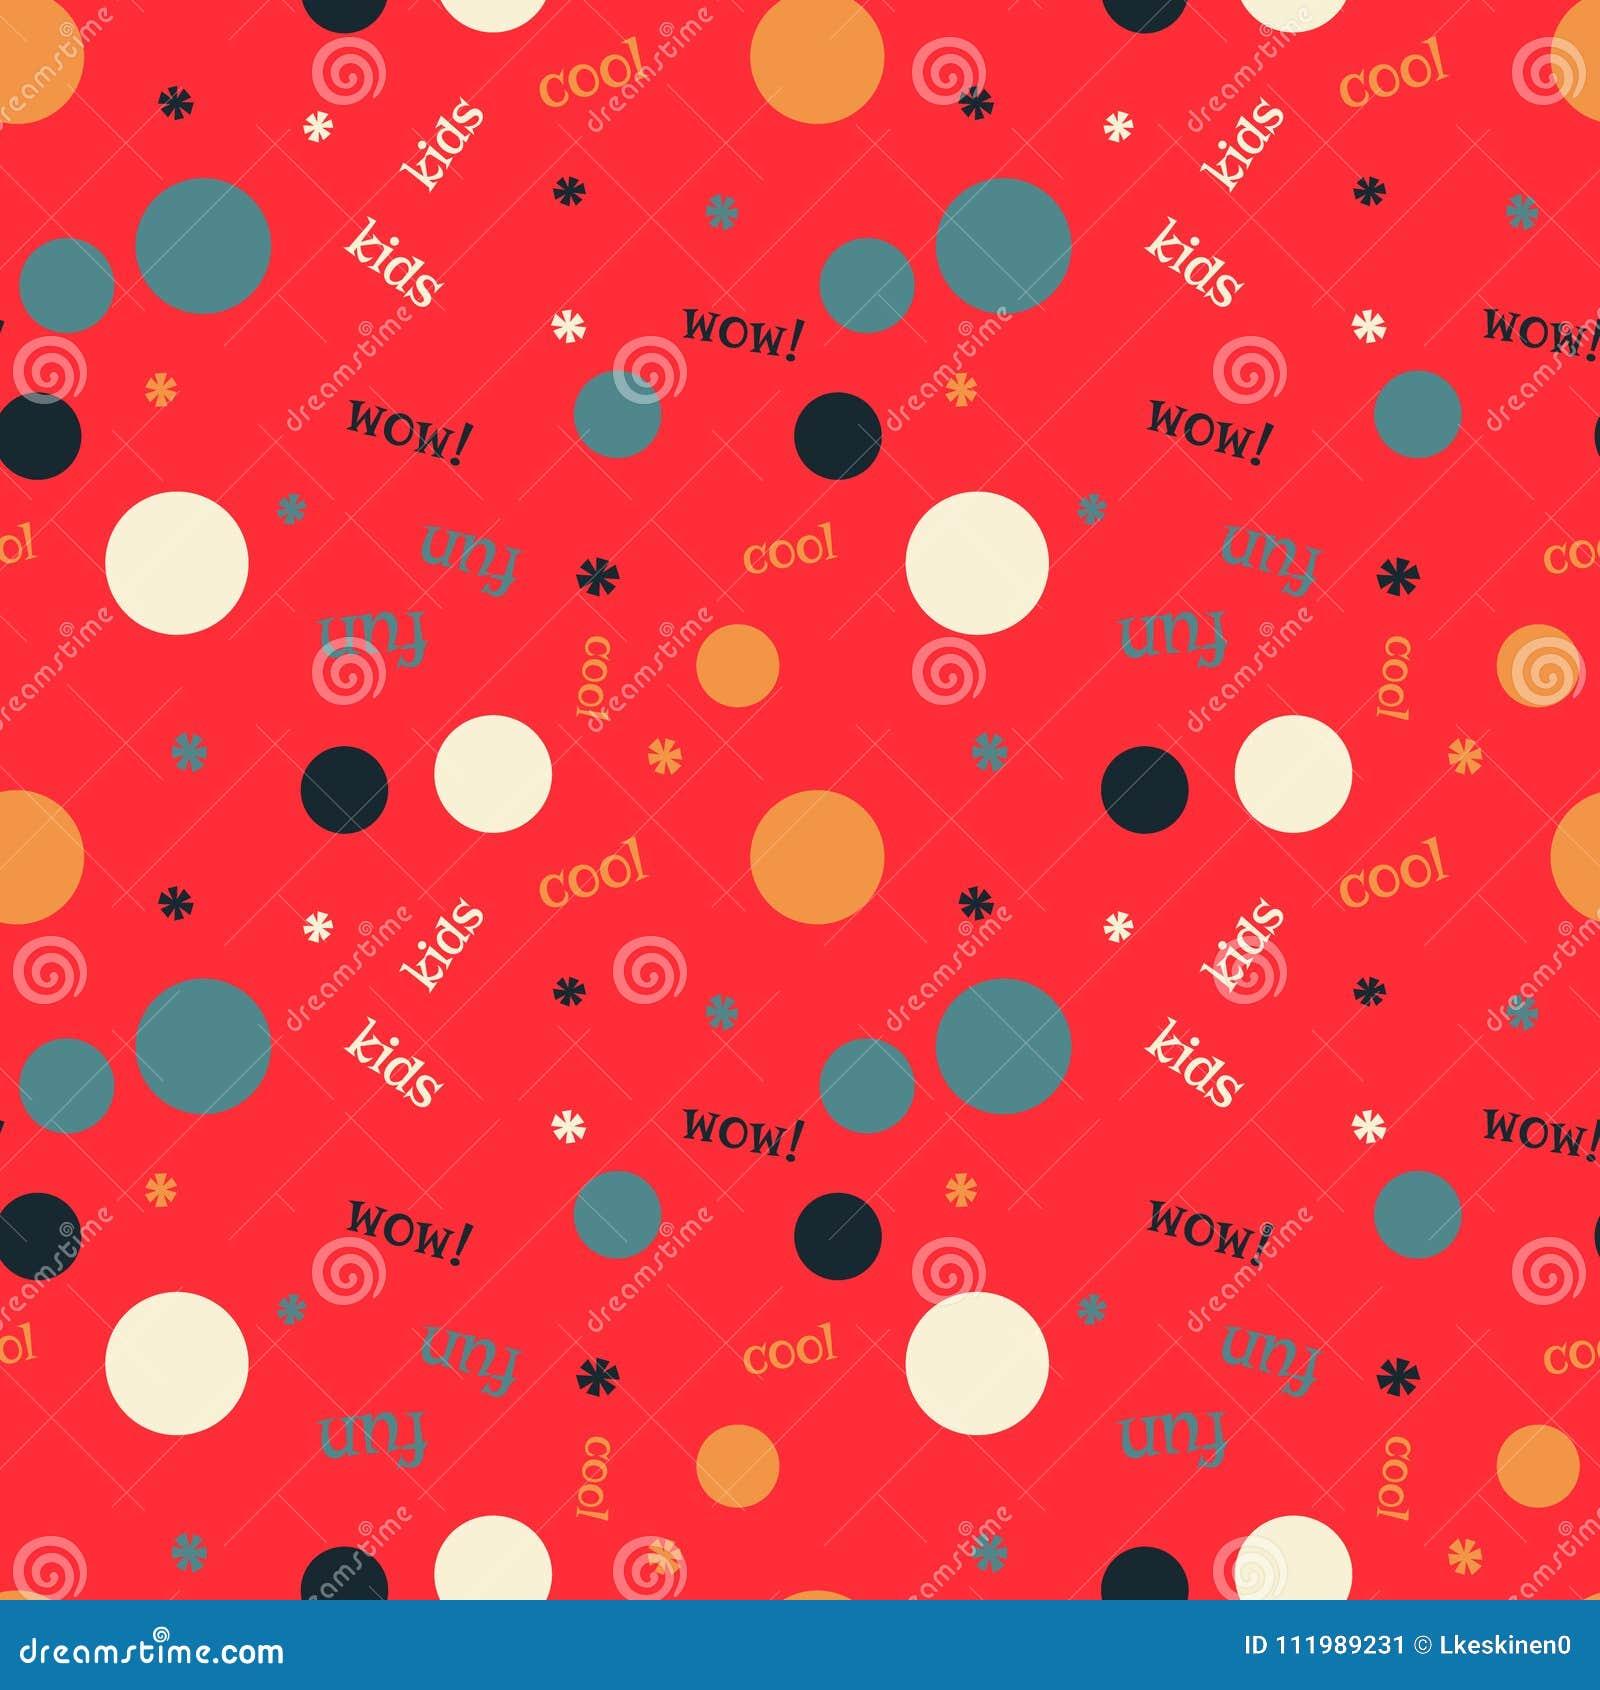 Bubble fabric pattern